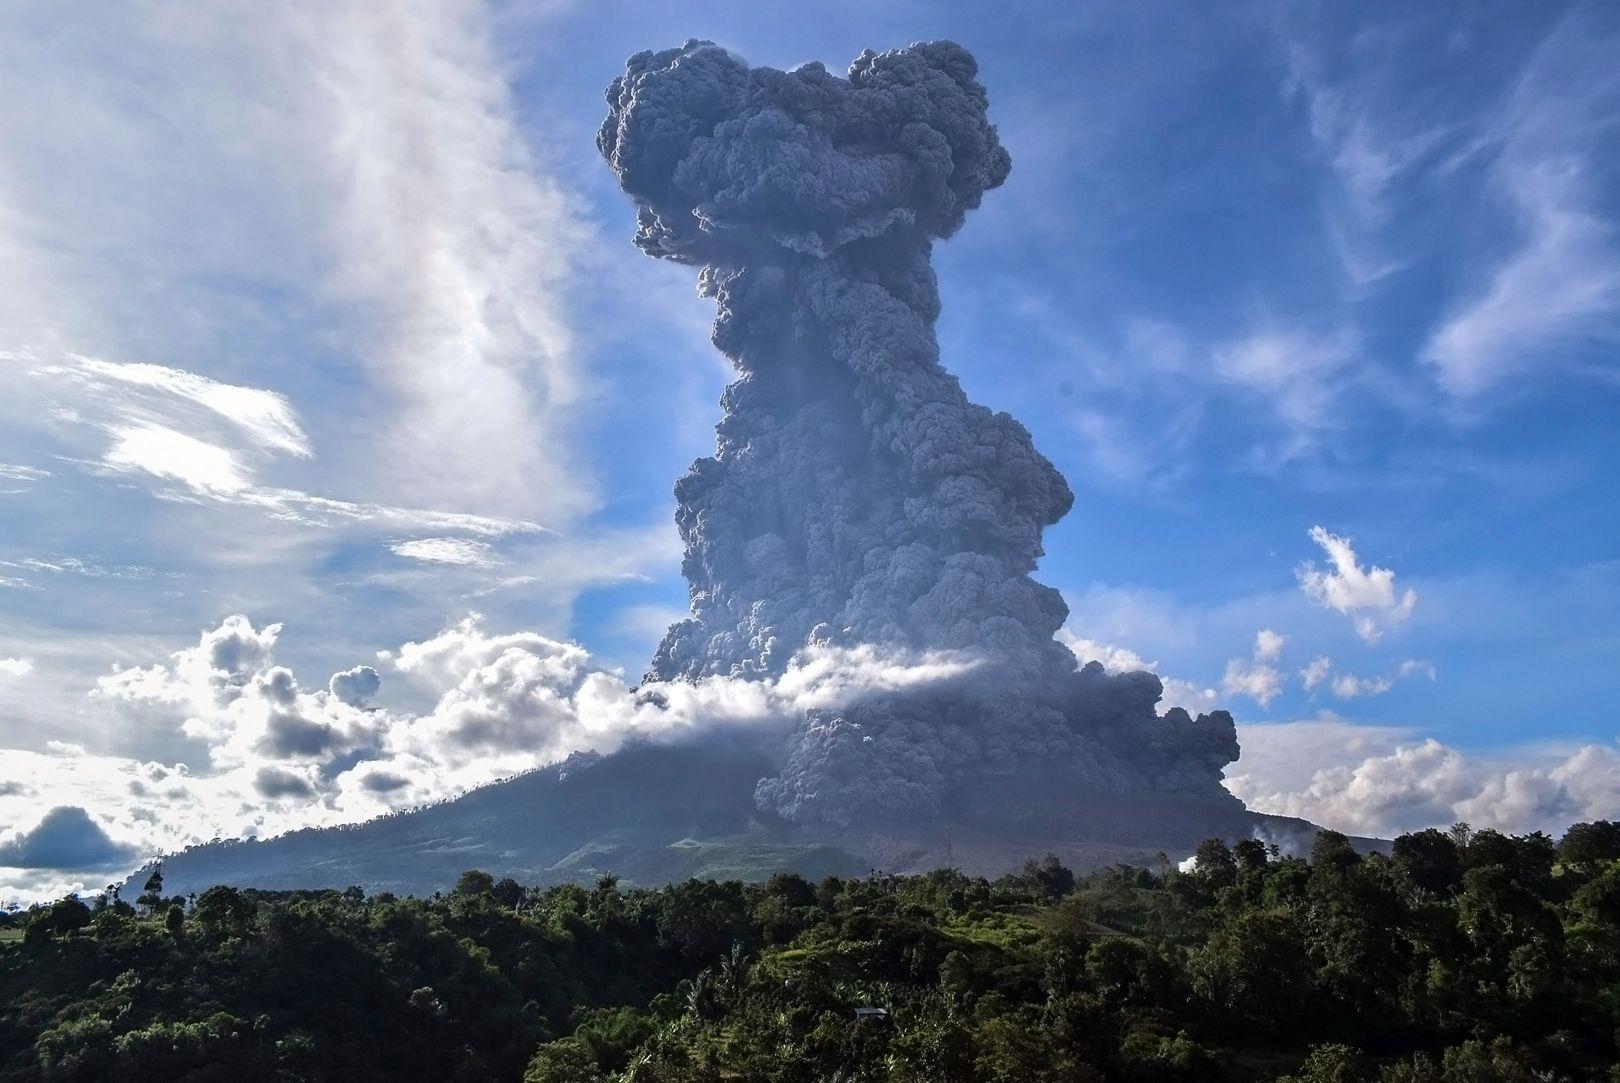 Indonésie : le stratovolcan Sinabung rejette d'immenses colonnes de cendres s'étendant sur des kilomètres [Vidéos]